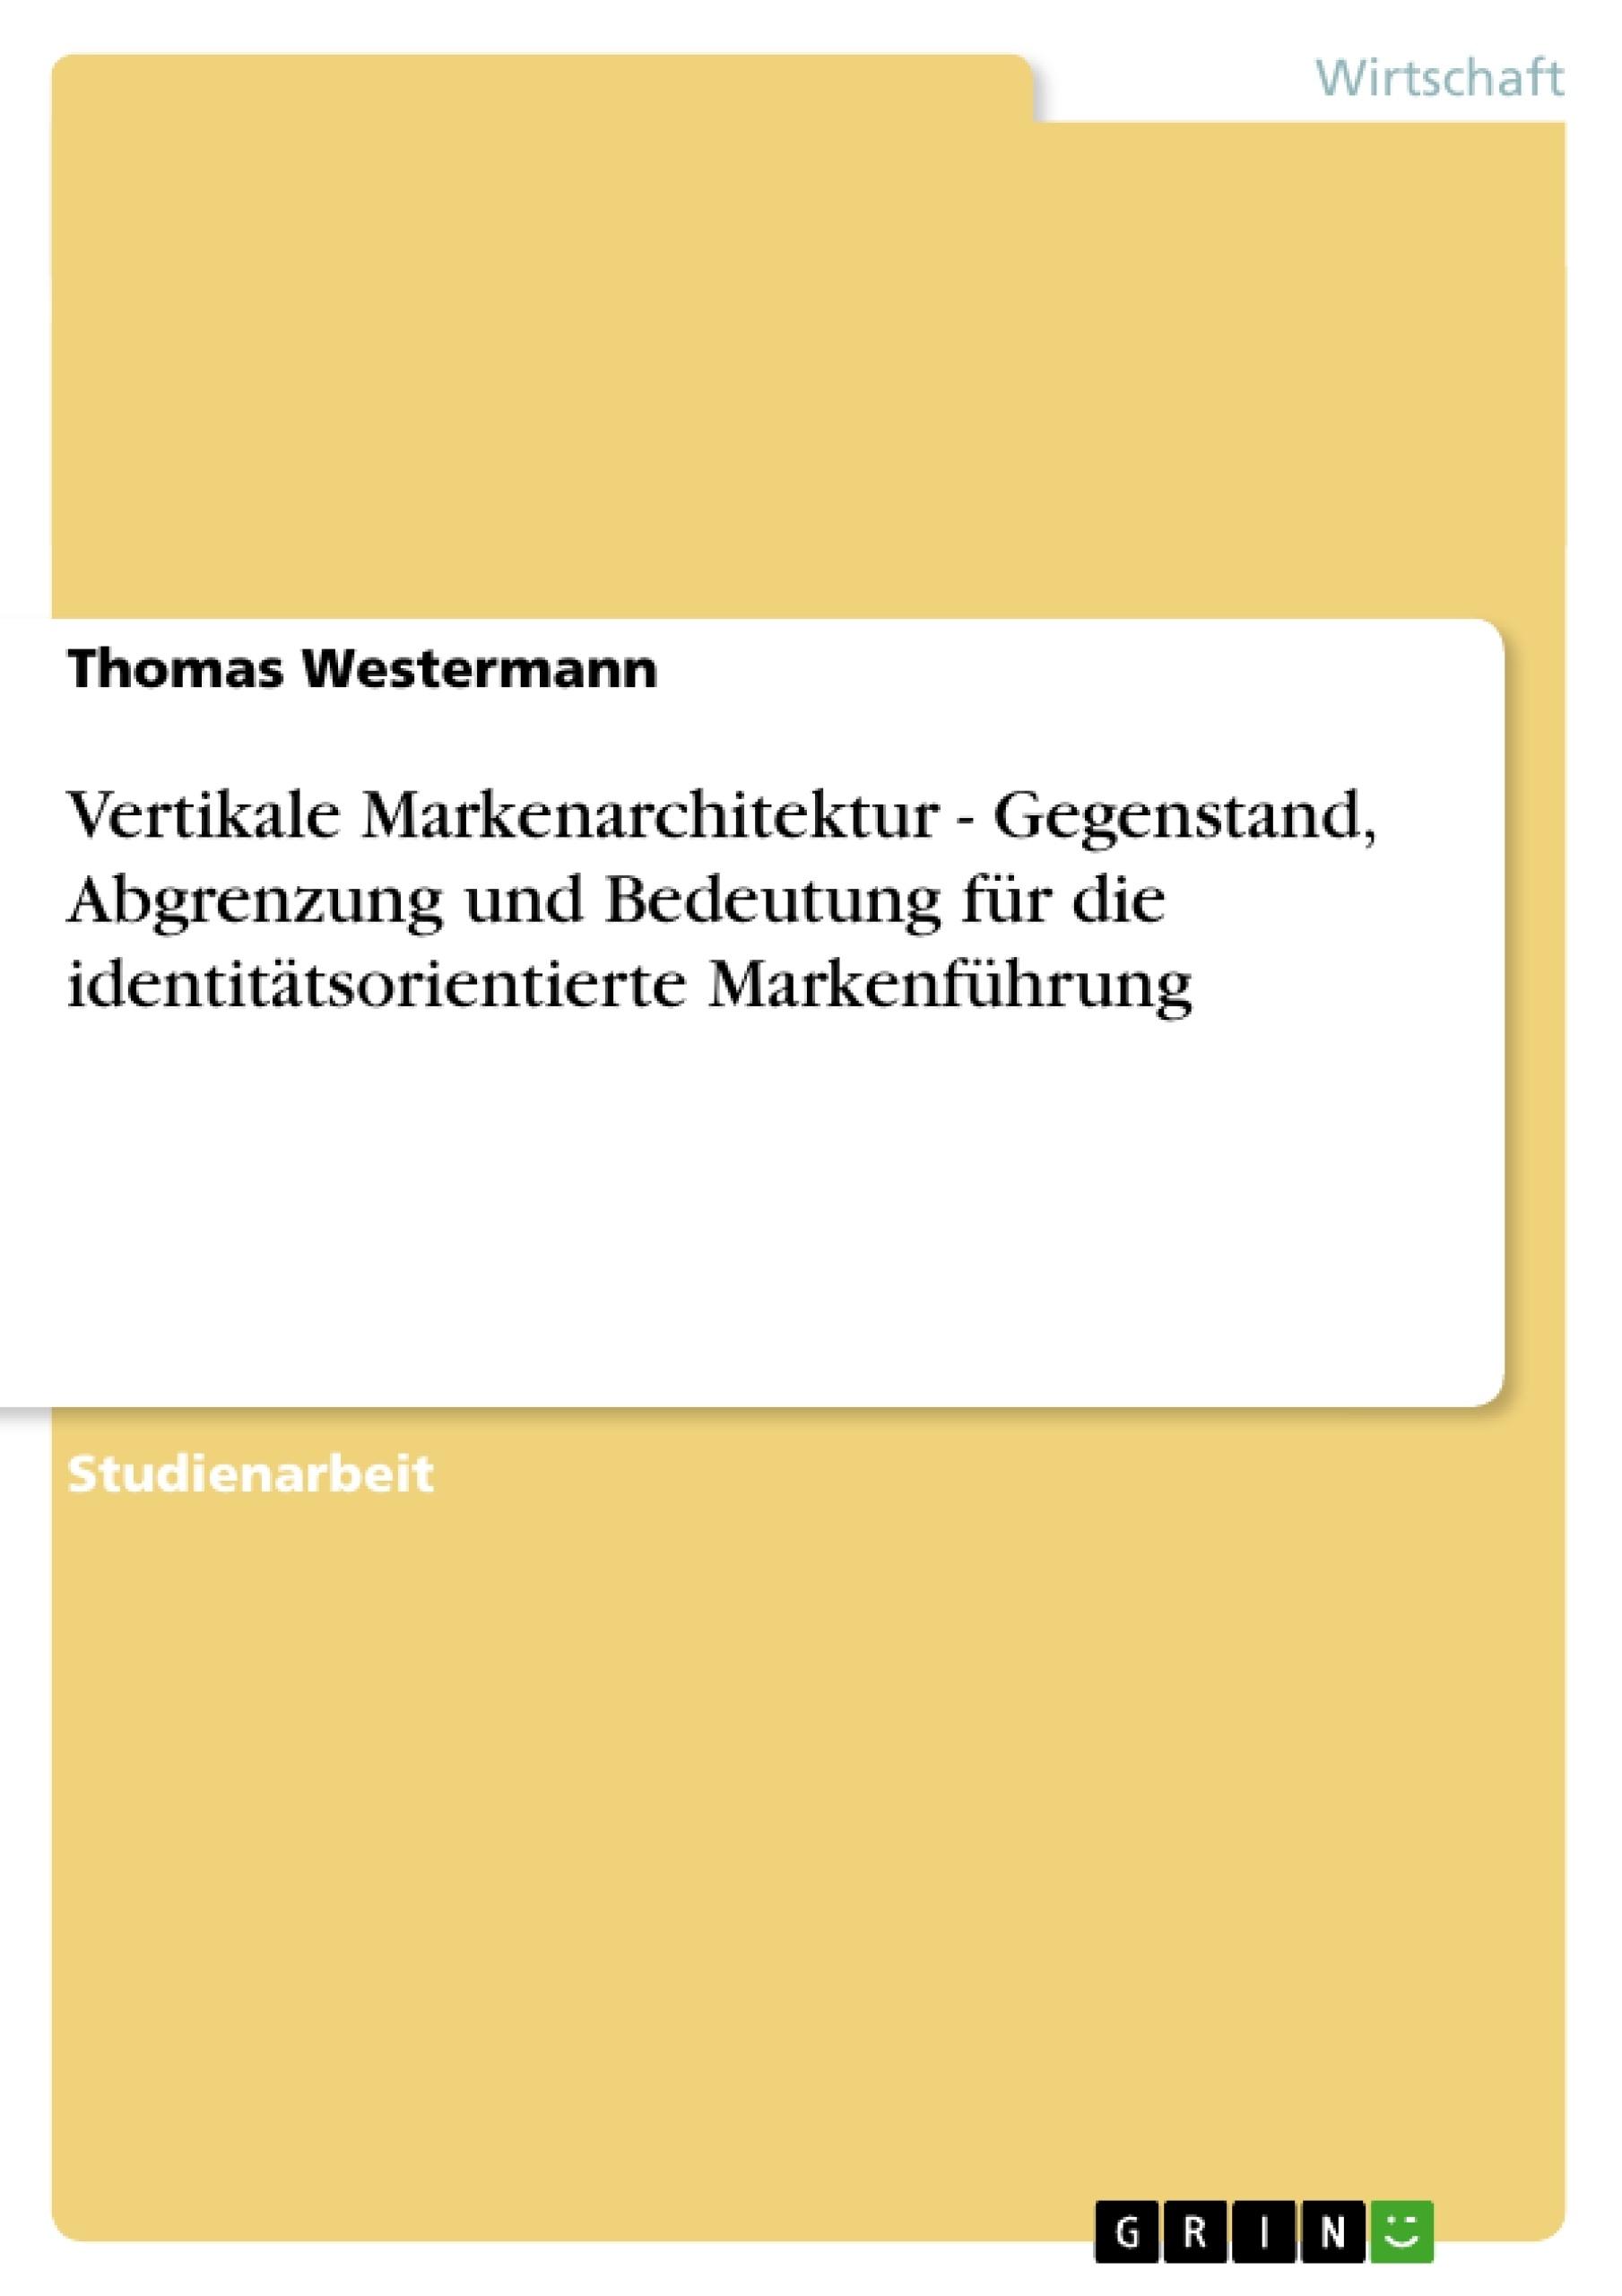 Titel: Vertikale Markenarchitektur - Gegenstand, Abgrenzung und Bedeutung für die identitätsorientierte Markenführung